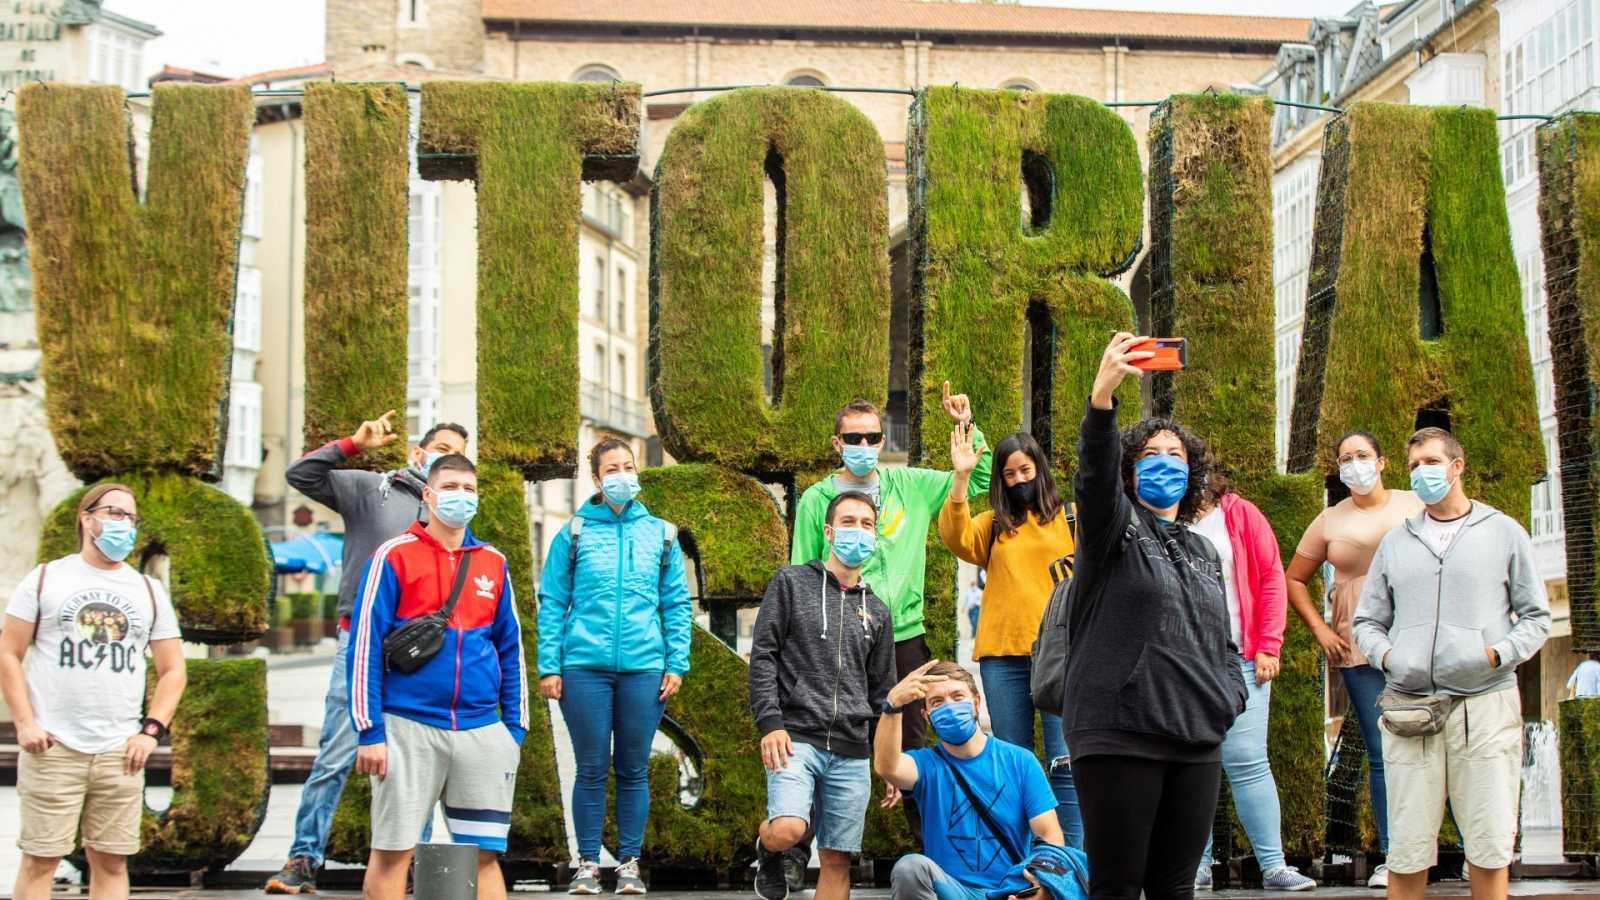 Un grupo de turistas se fotografía en el centro de Vitoria este pasado lunes